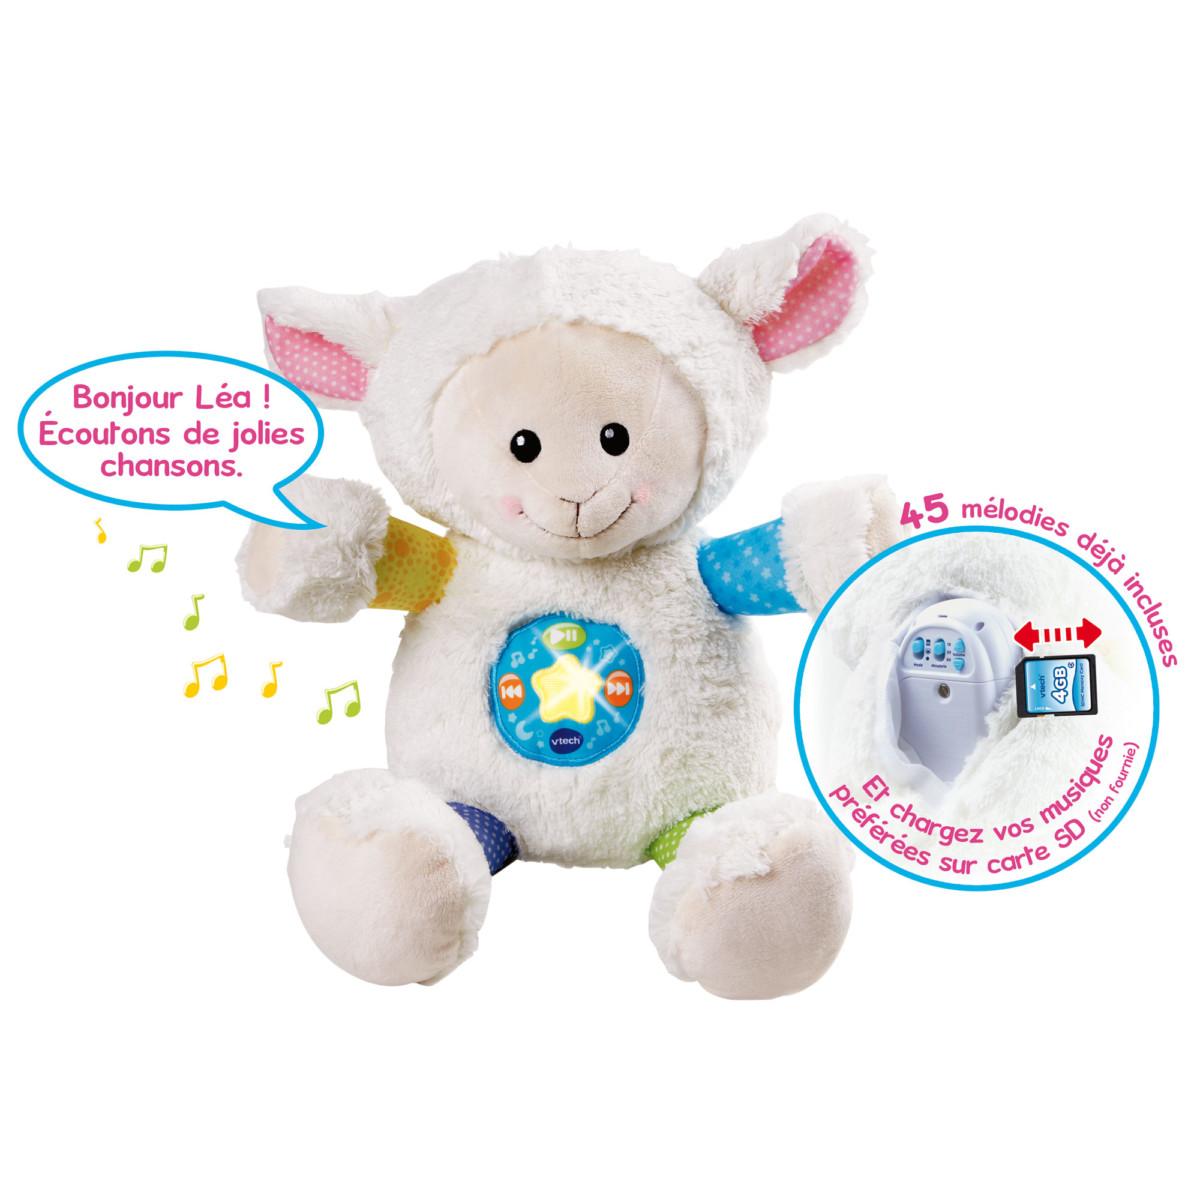 Mon mouton 1001 chansons Blanc de Vtech, Peluches musicales : Aubert